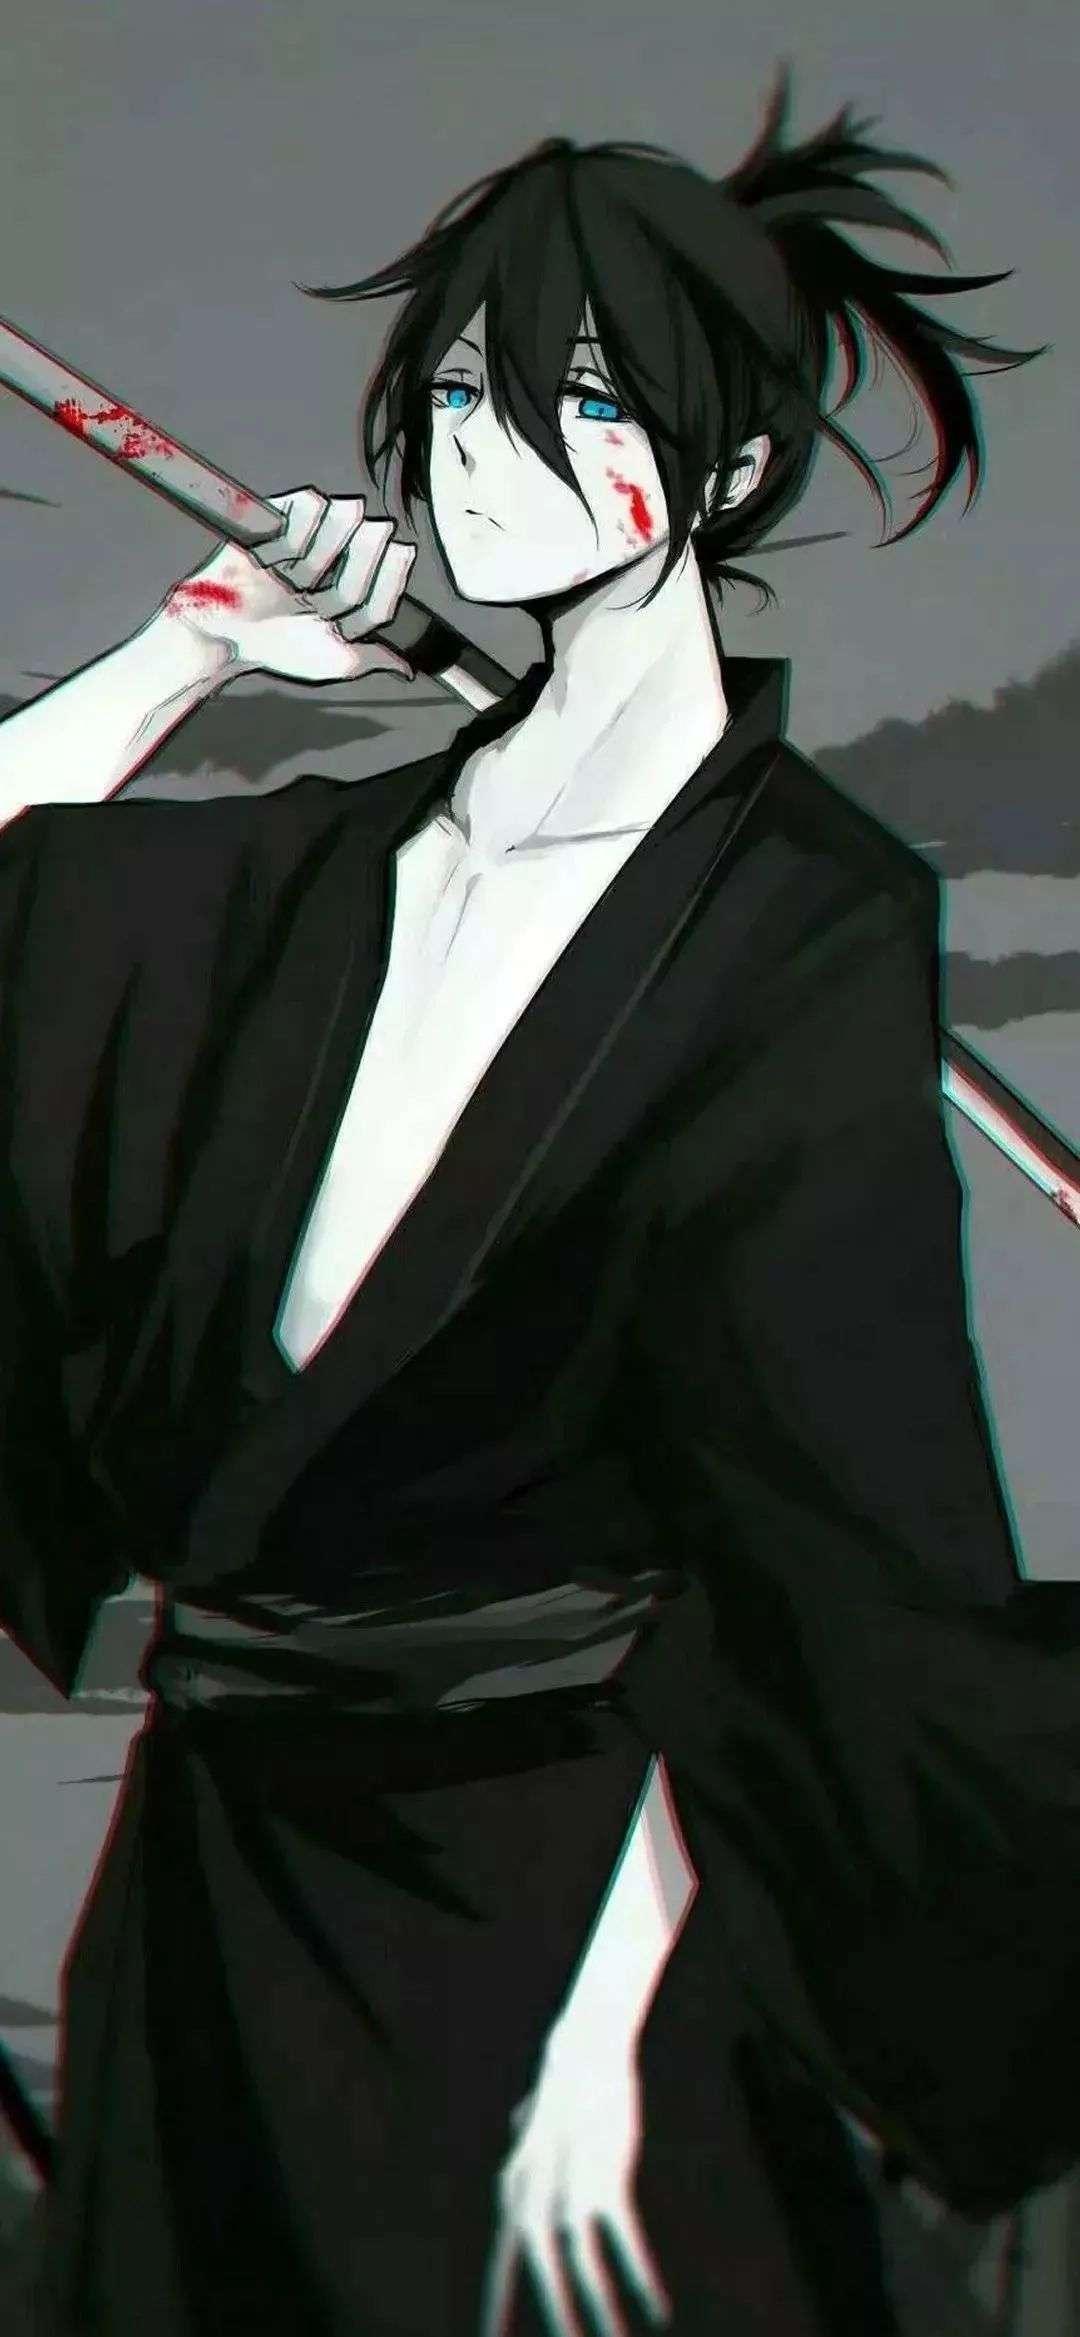 【动漫推荐】三生有幸遇见你,纵使悲凉亦是情